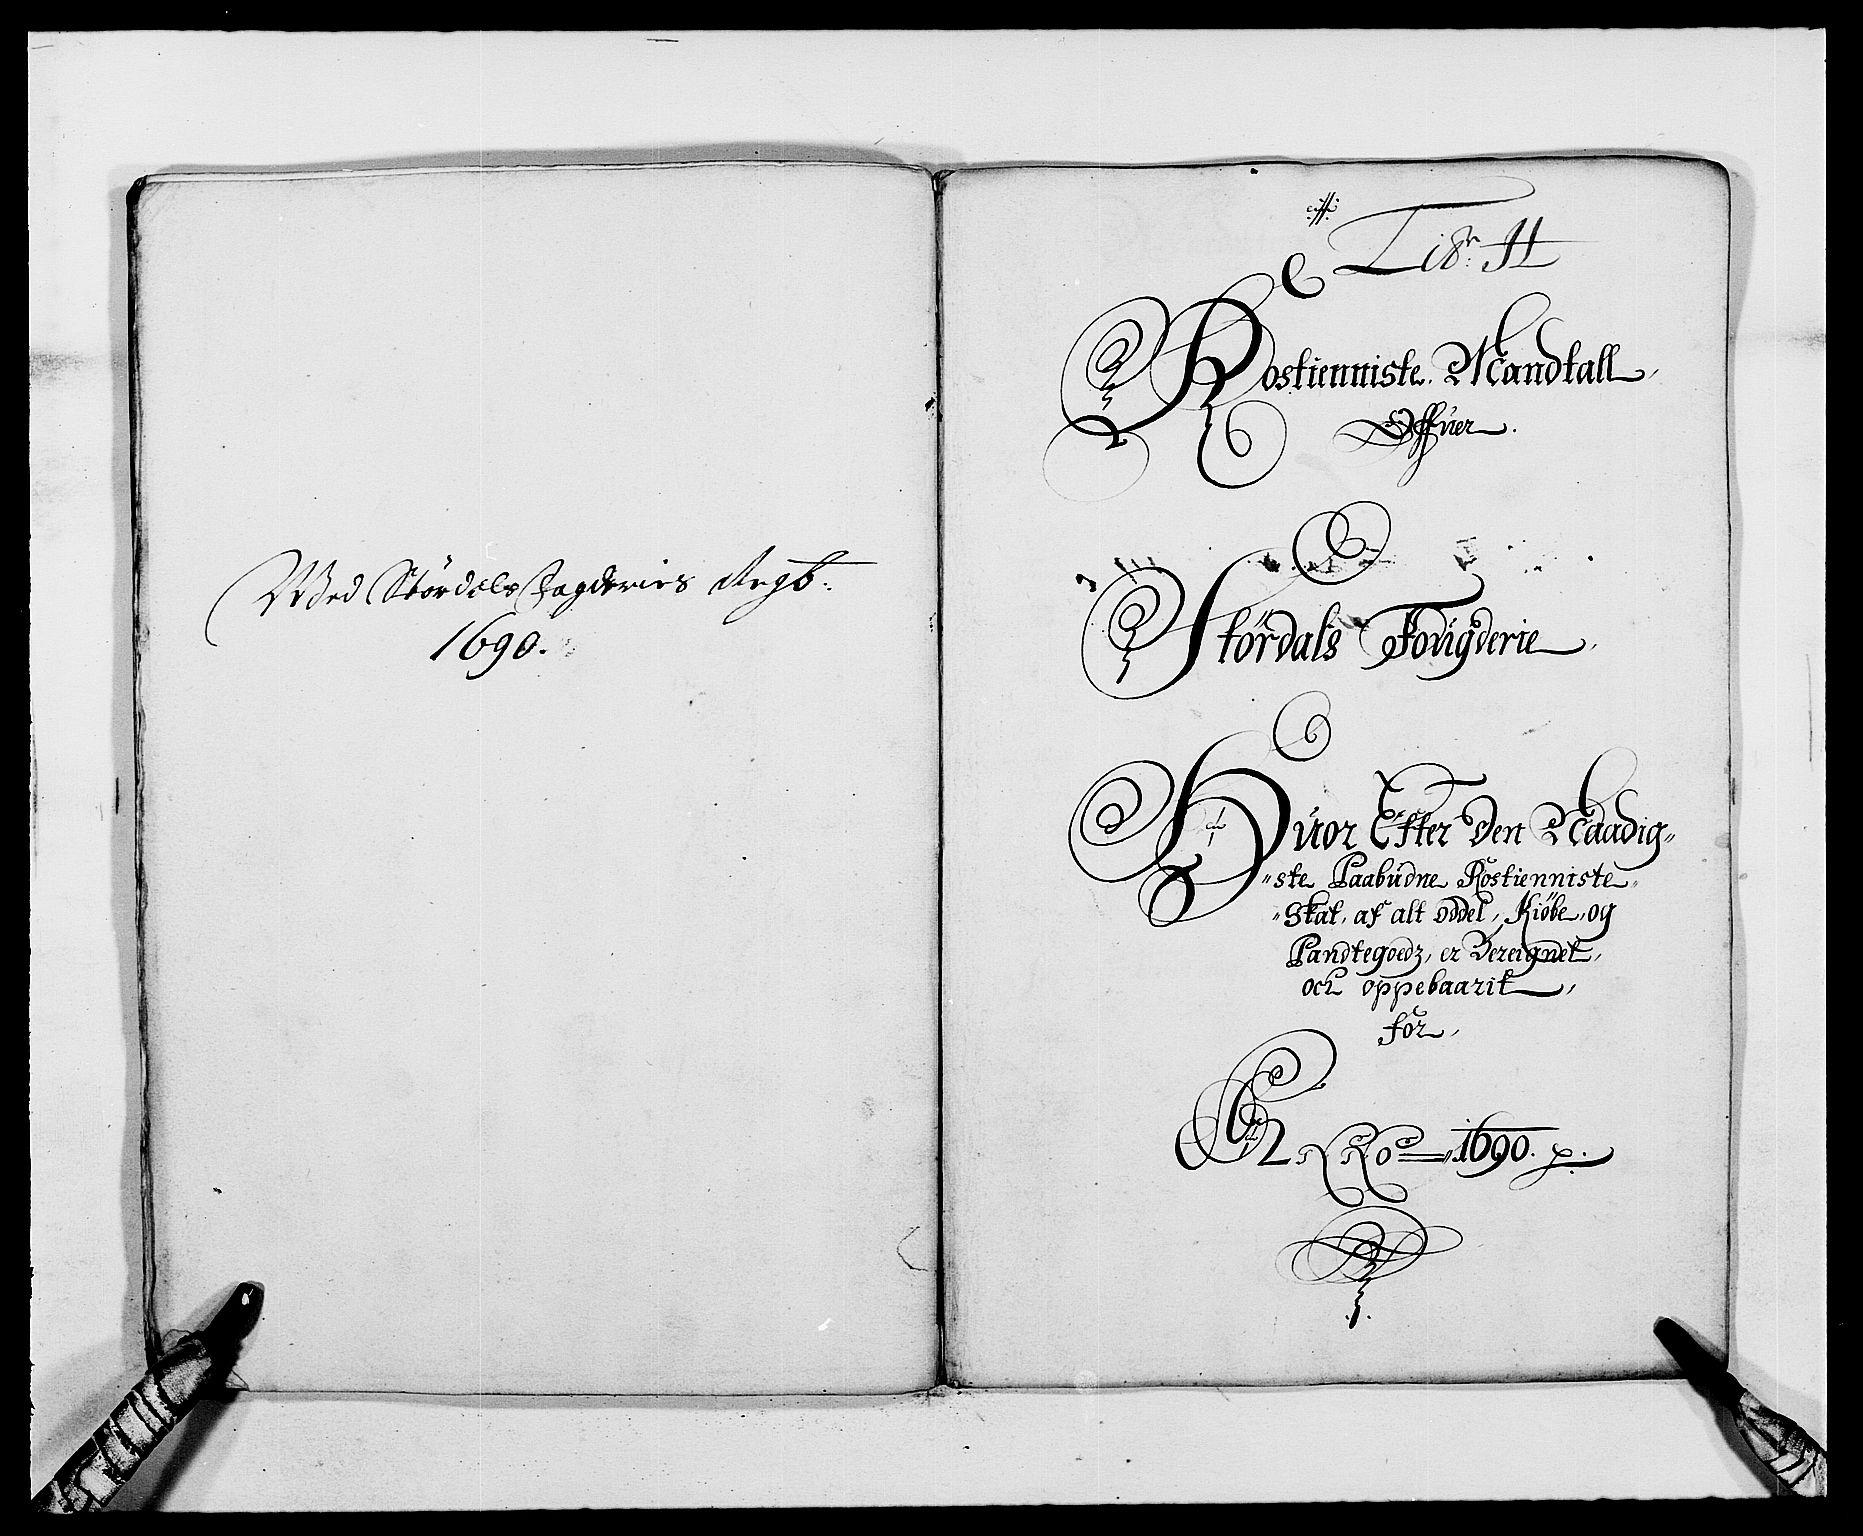 RA, Rentekammeret inntil 1814, Reviderte regnskaper, Fogderegnskap, R62/L4184: Fogderegnskap Stjørdal og Verdal, 1690-1691, s. 130